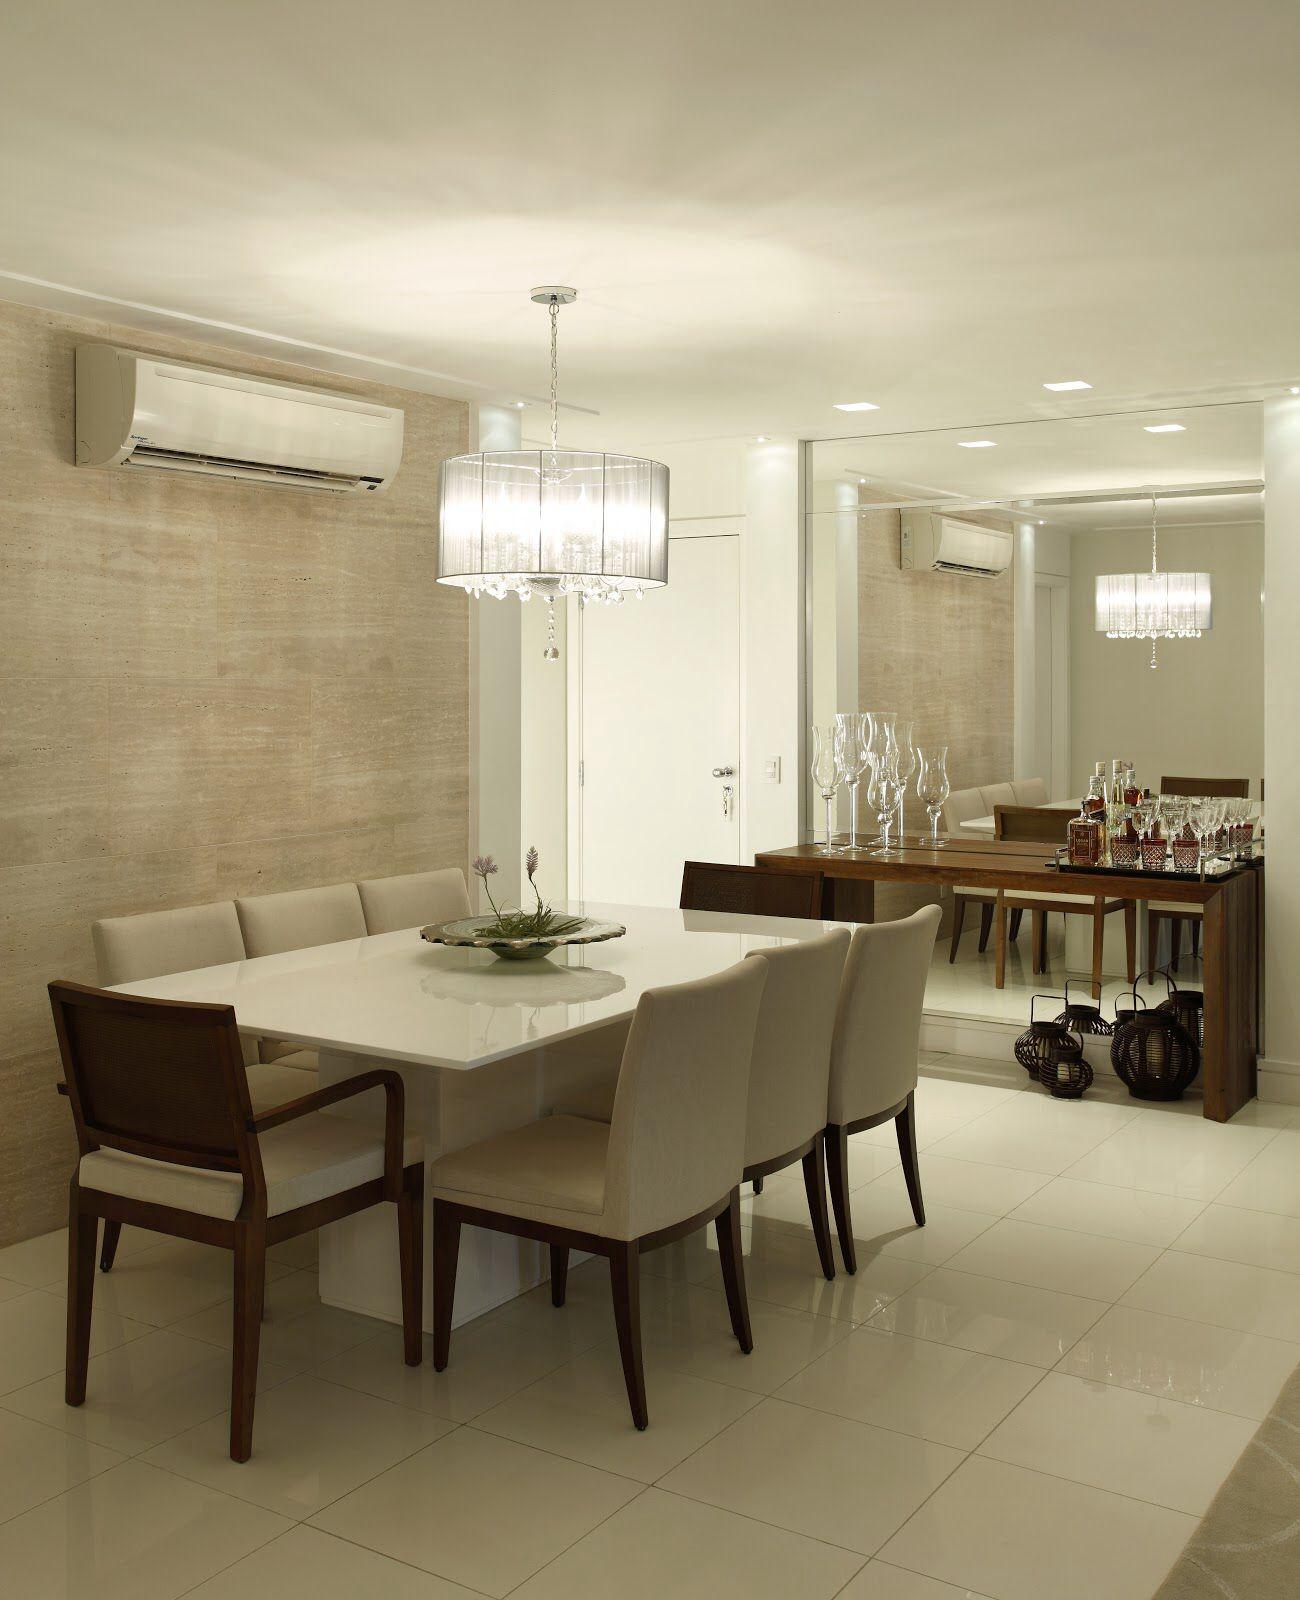 Mirrored Wall Small Spaces Dining Room Sala De Jantar Pequena  -> Modelo De Sala Pequenas Com Espelho E Aparador